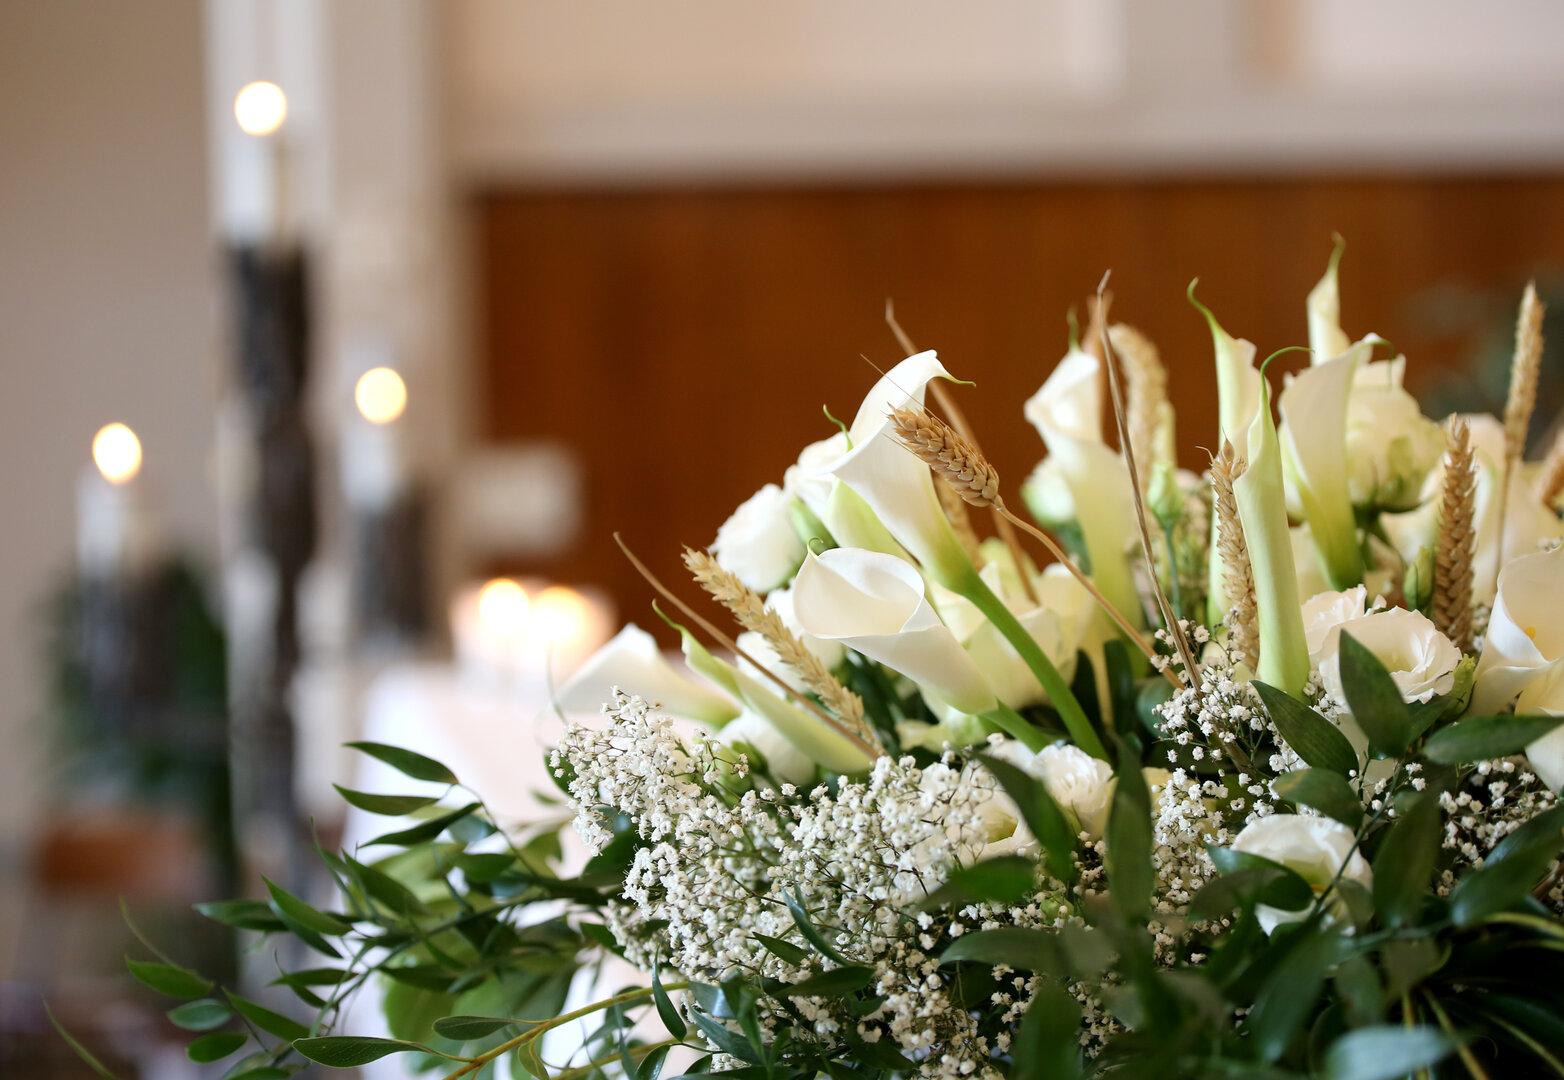 Pormenor de ramo de flores para funeral brancas com folhas verdes